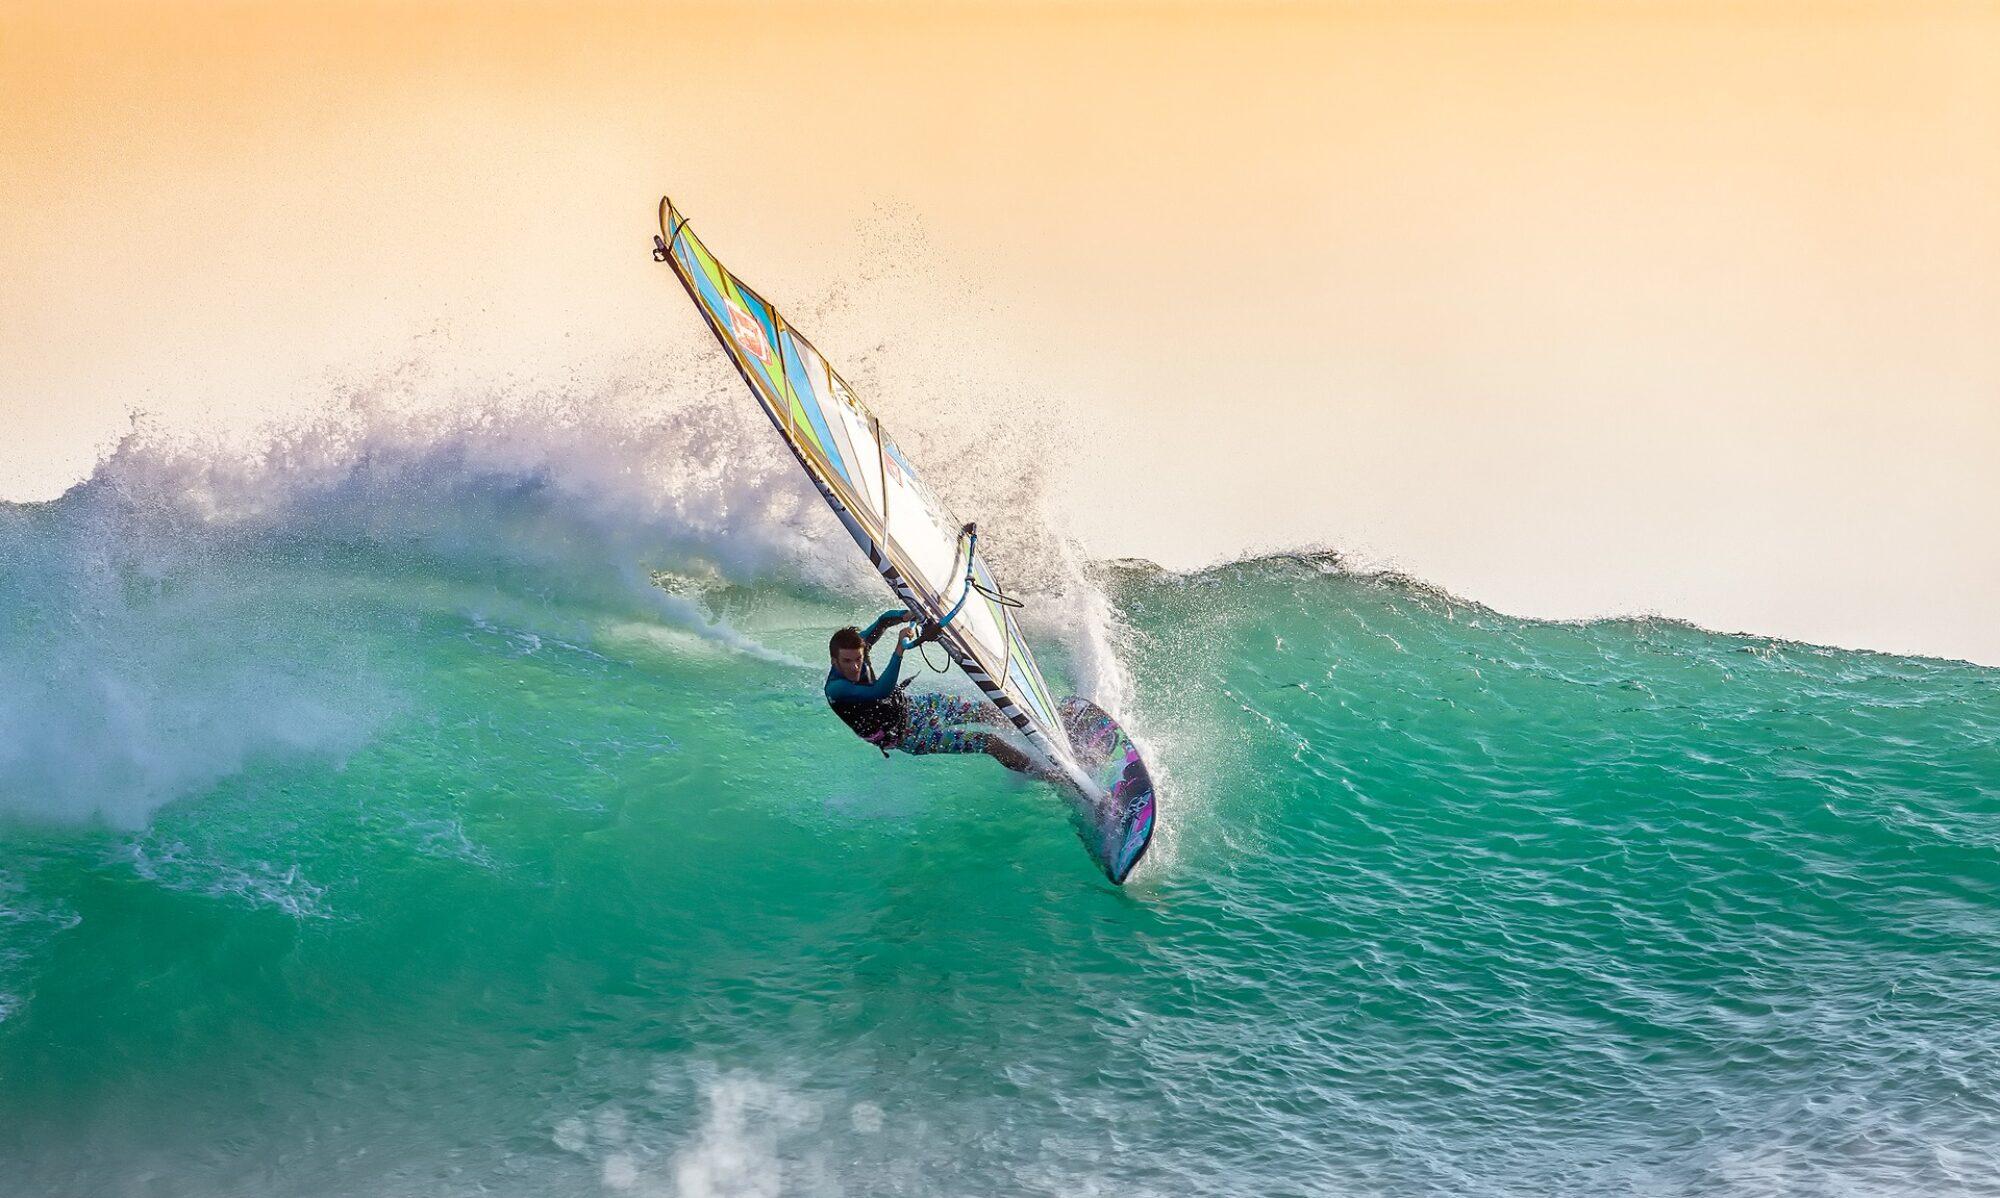 kona-windsurfing.com